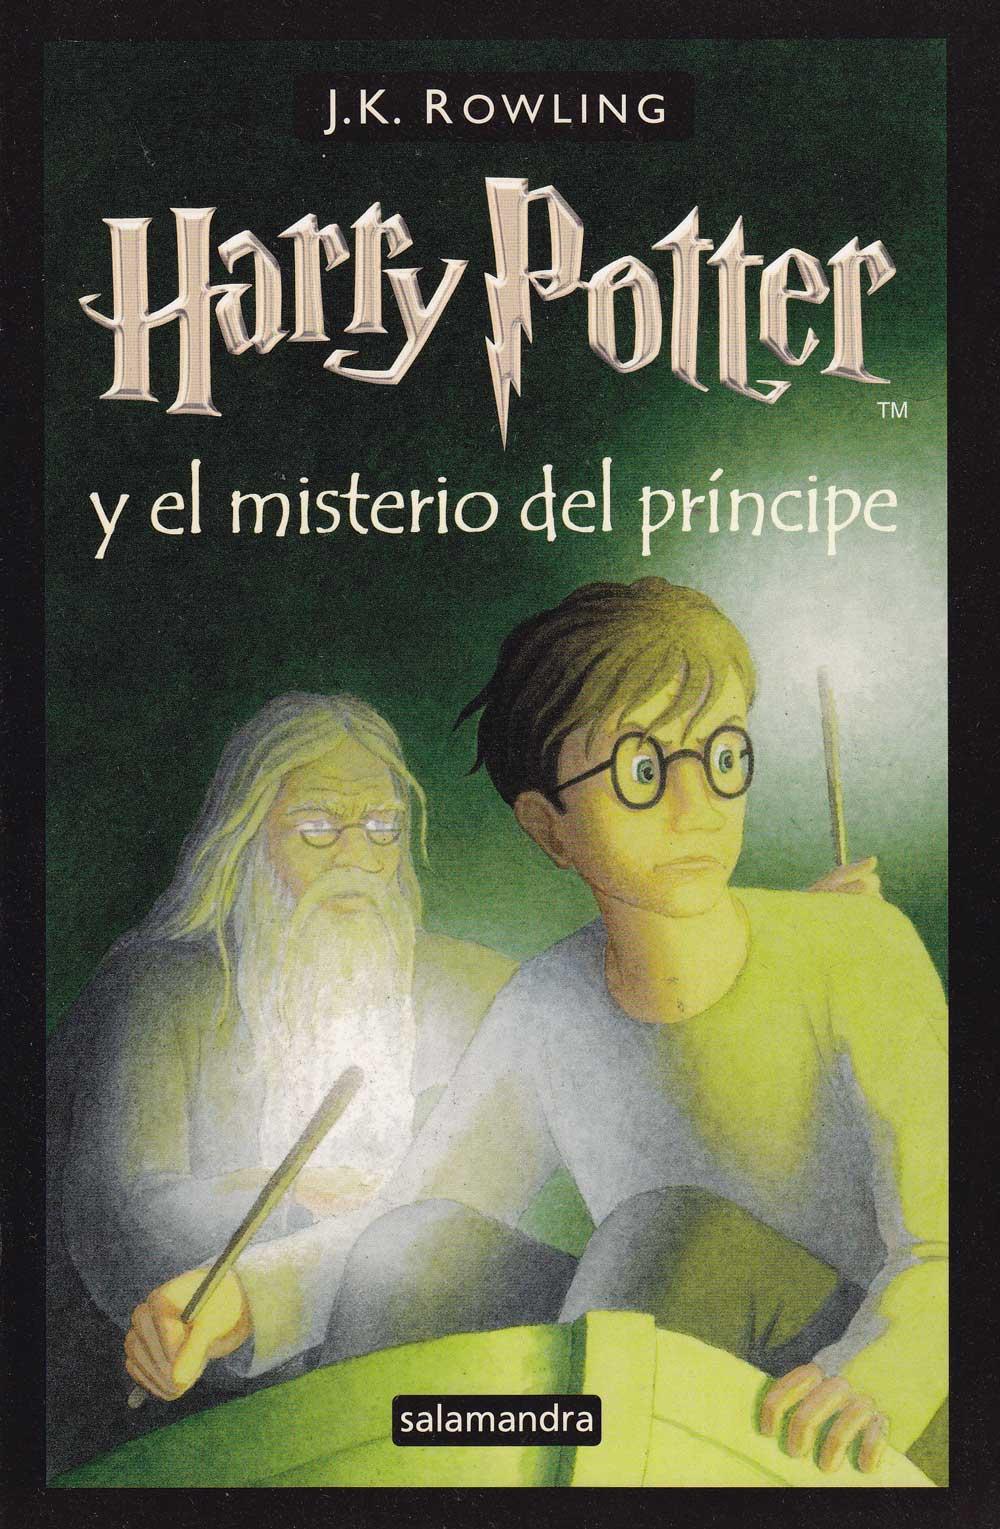 Lista de los títulos de los libros de Harry Potter en